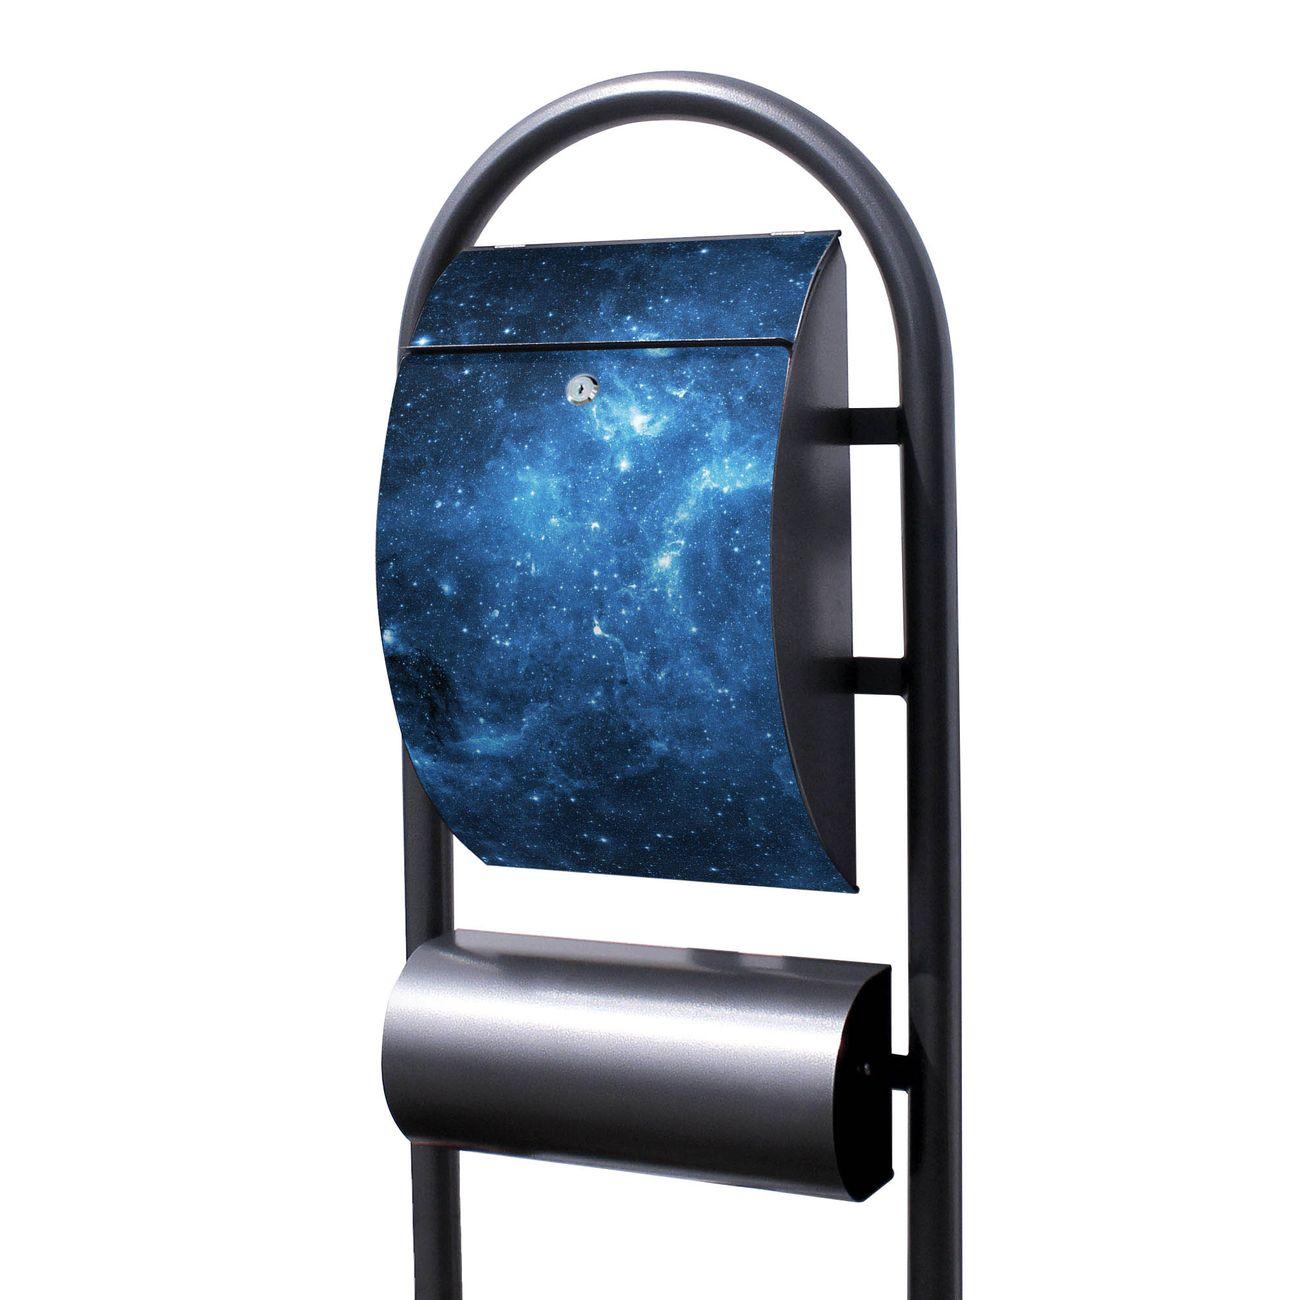 Standbriefkasten Hammerschlag Universum